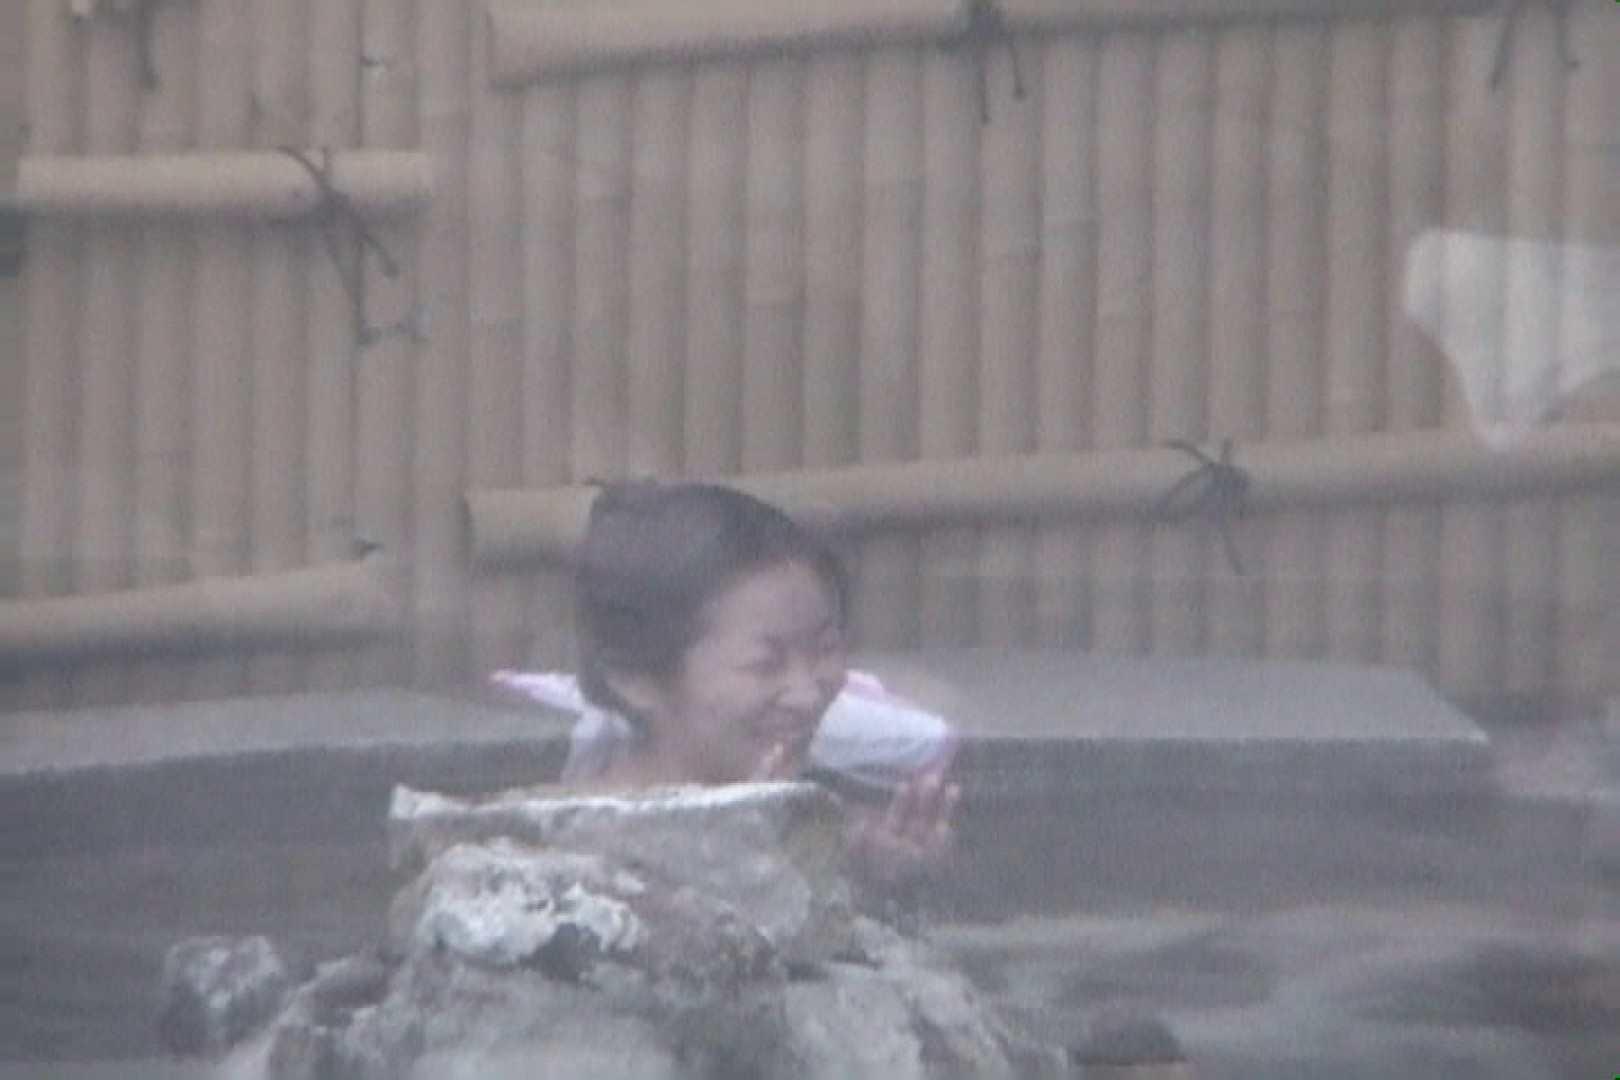 Aquaな露天風呂Vol.82【VIP限定】 盗撮 | 露天  87pic 72